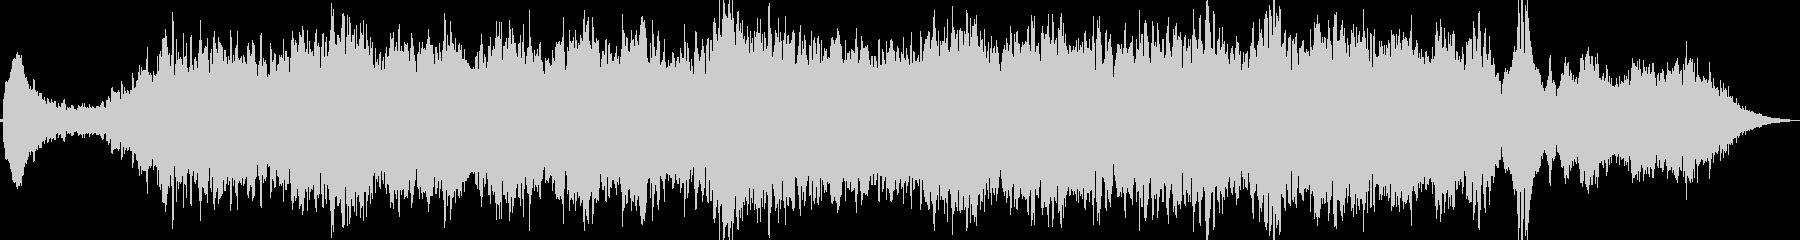 【ホラー】 【ゲーム】 ホーンテッドの未再生の波形